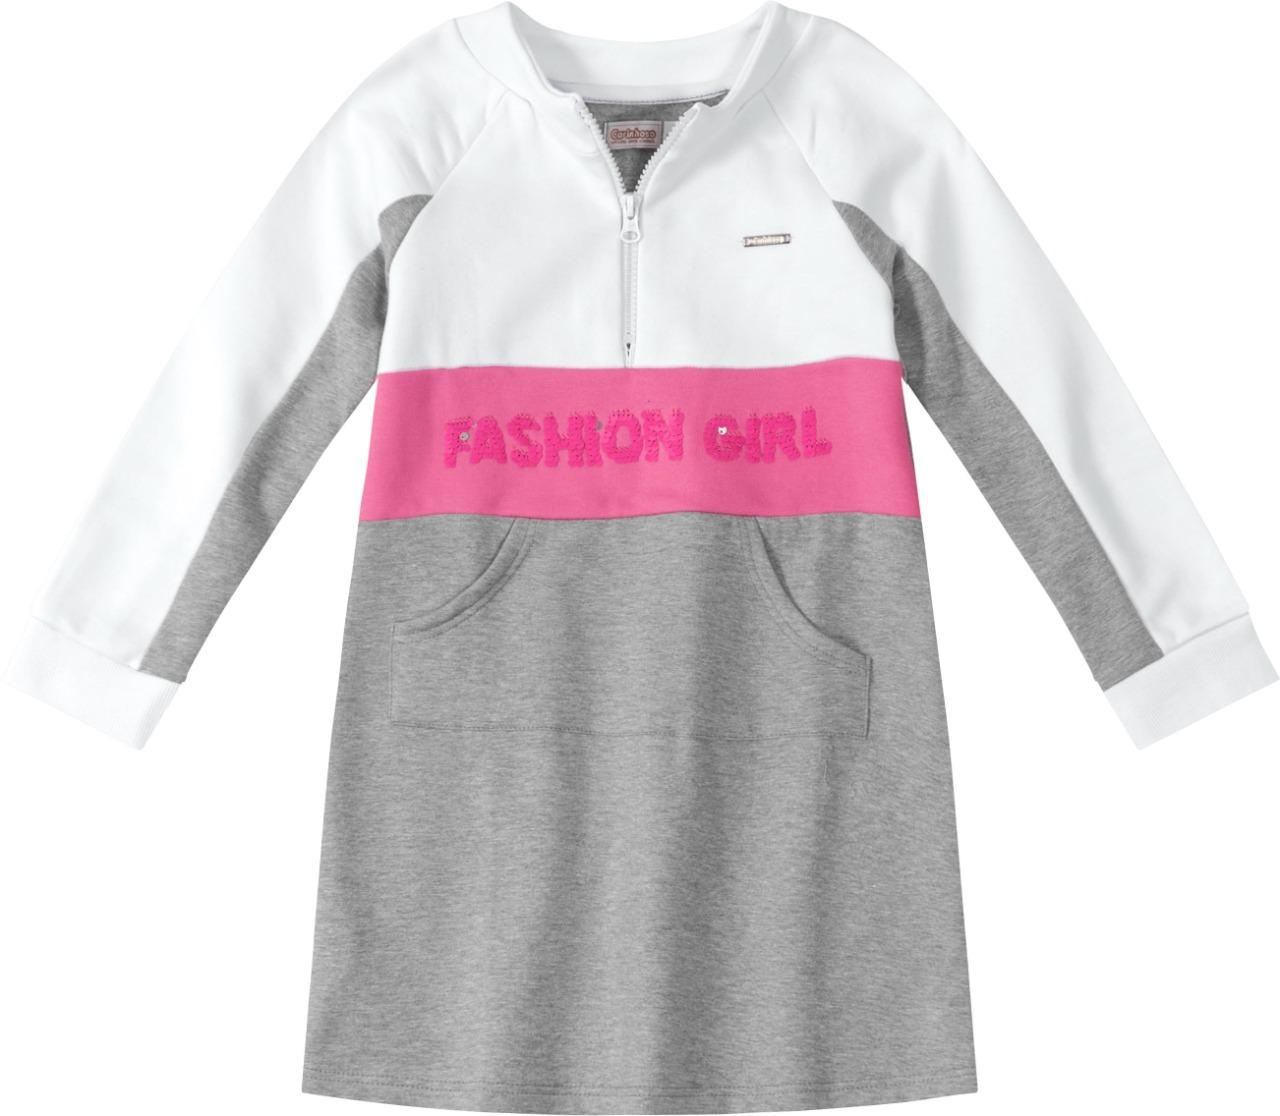 Vestido manga longa em Moletom cinza e rosa - Tam 06 a 10 anos